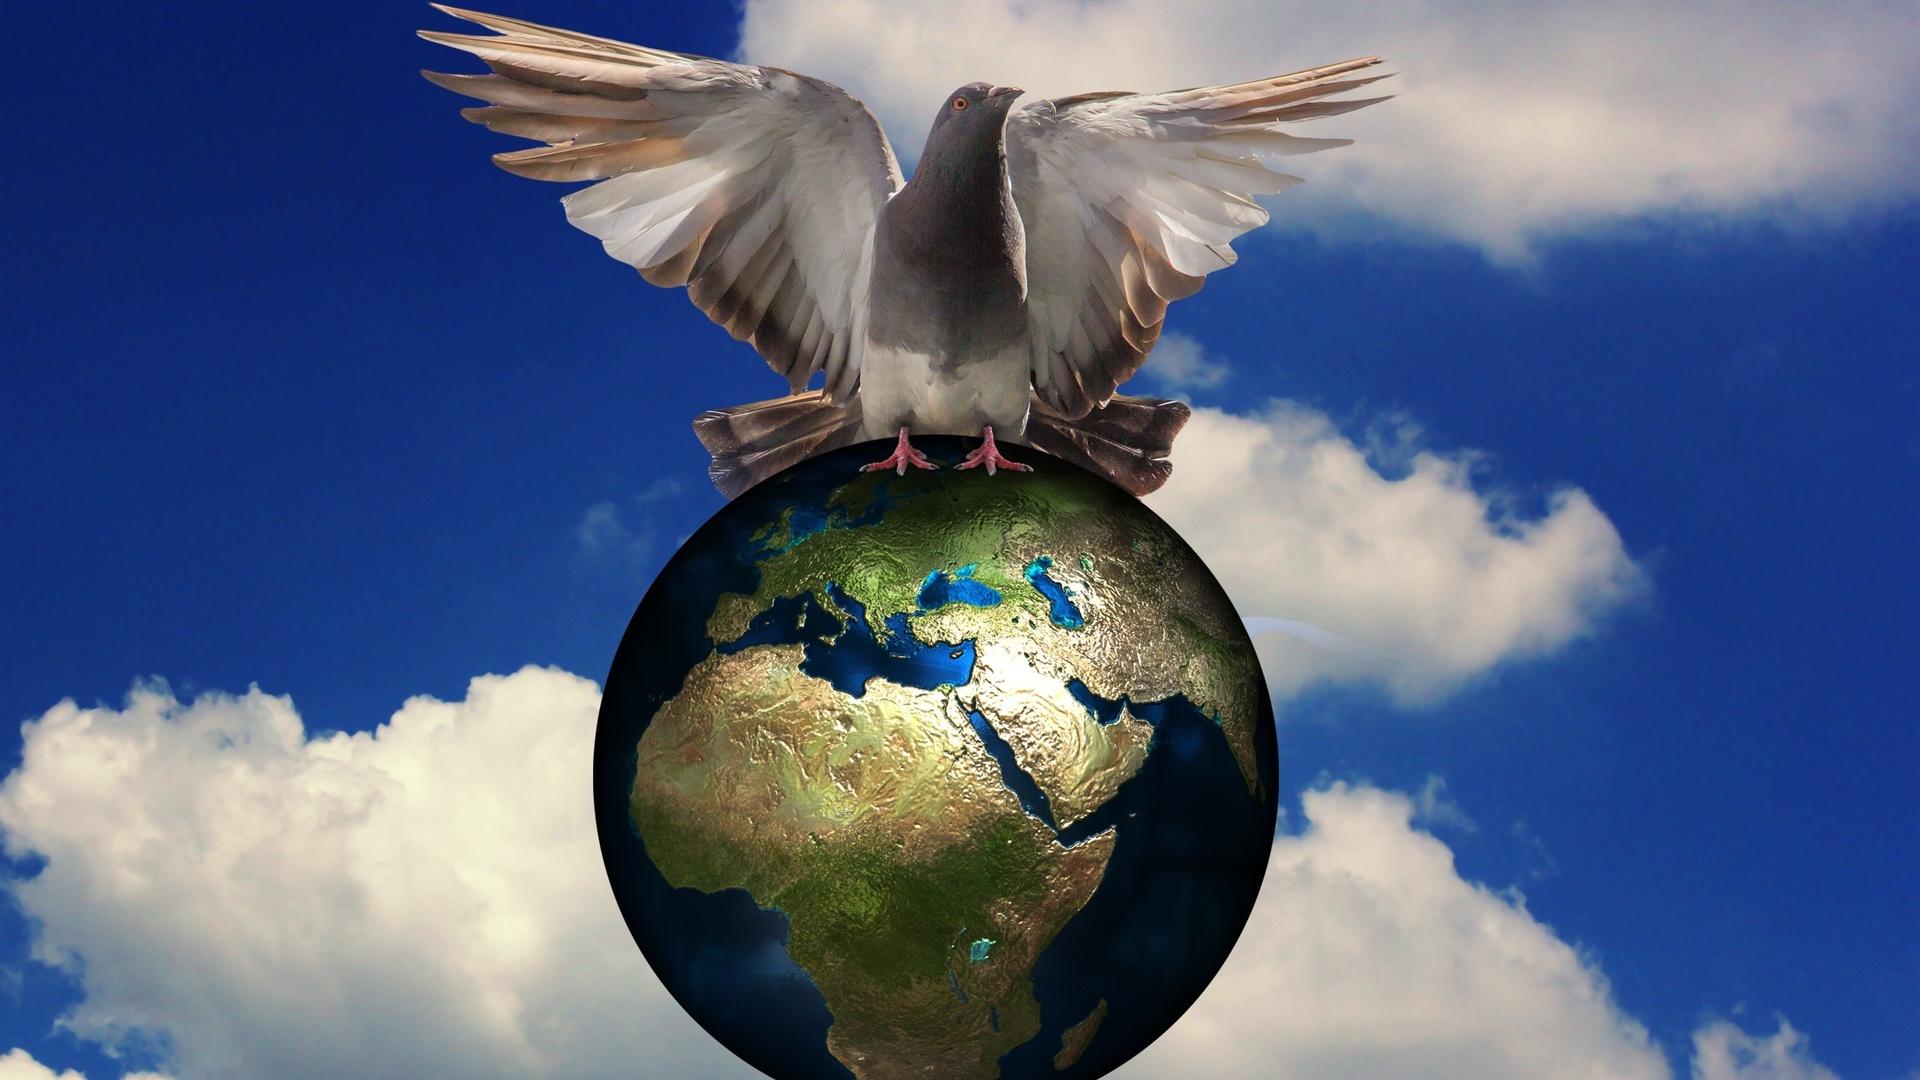 мир во всем мире картинка люди смотрят